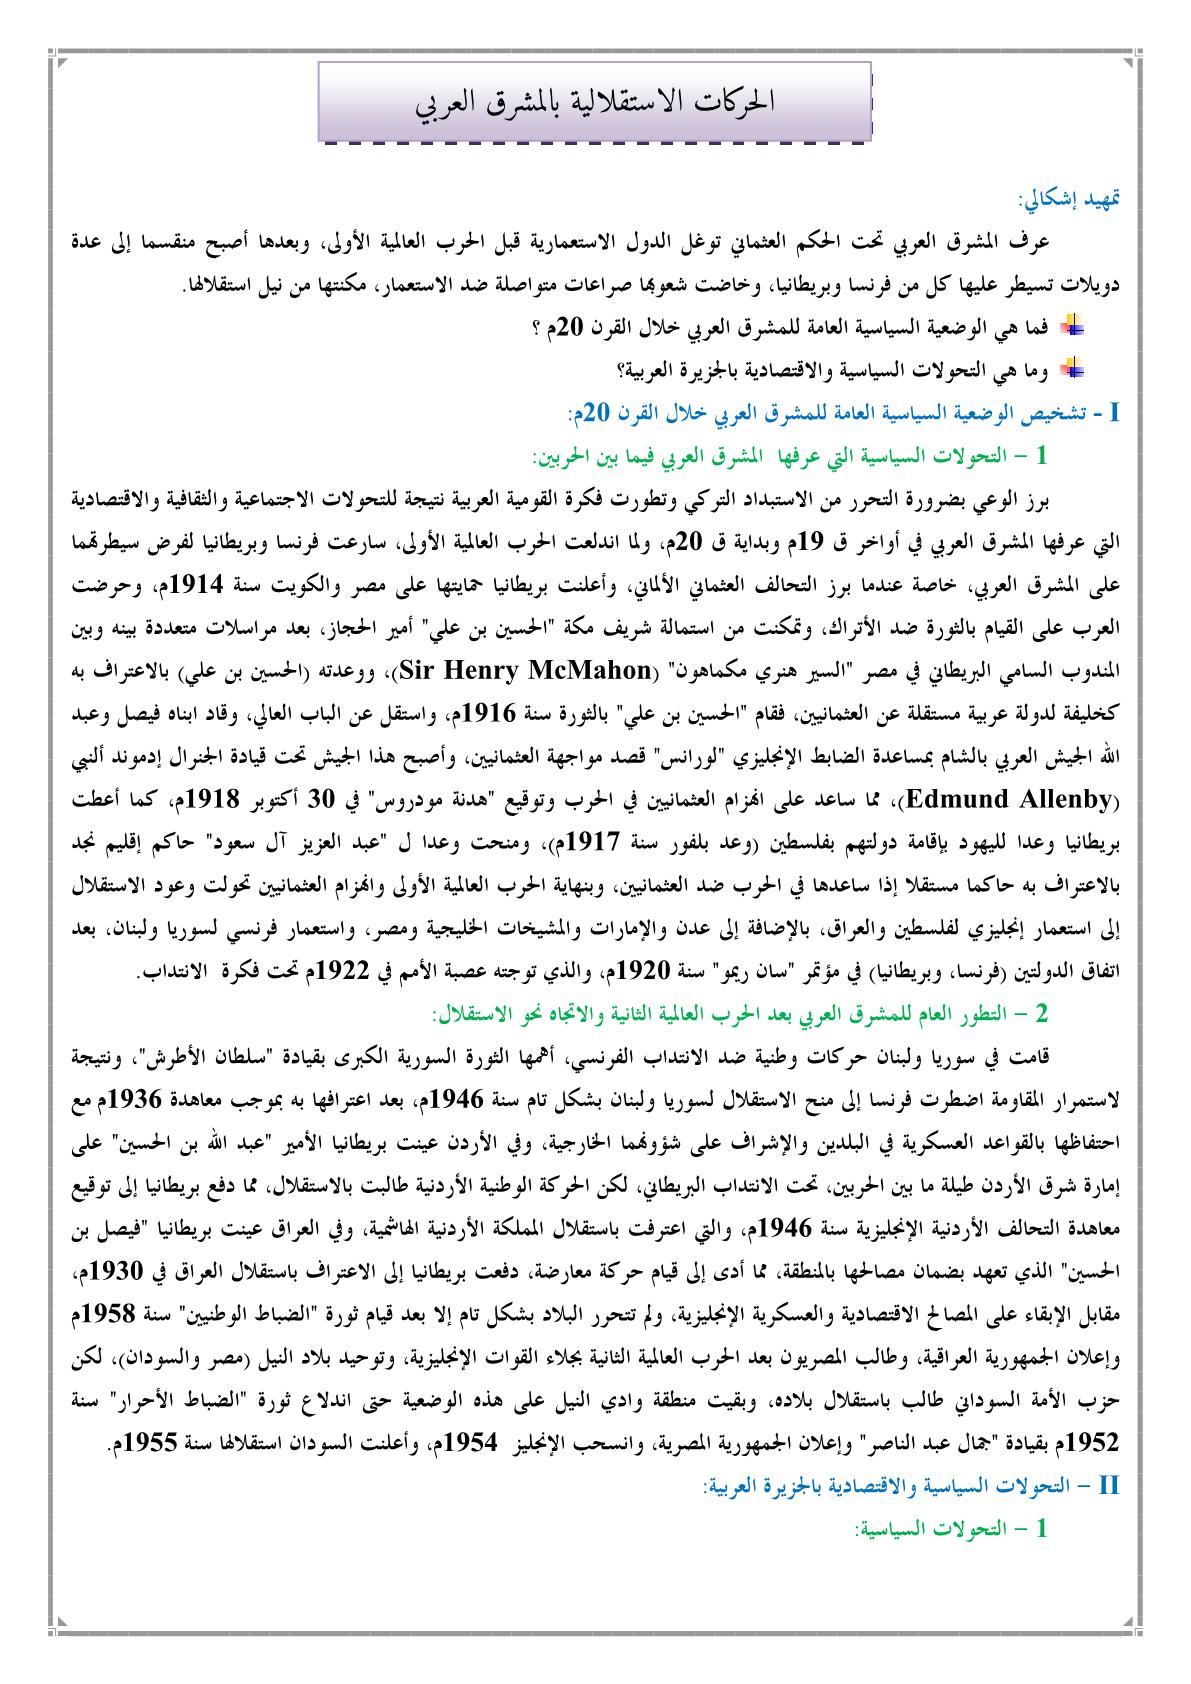 درس الحركات الاستقلالية بالمشرق العربي الثانية باكالوريا مسلك الآداب